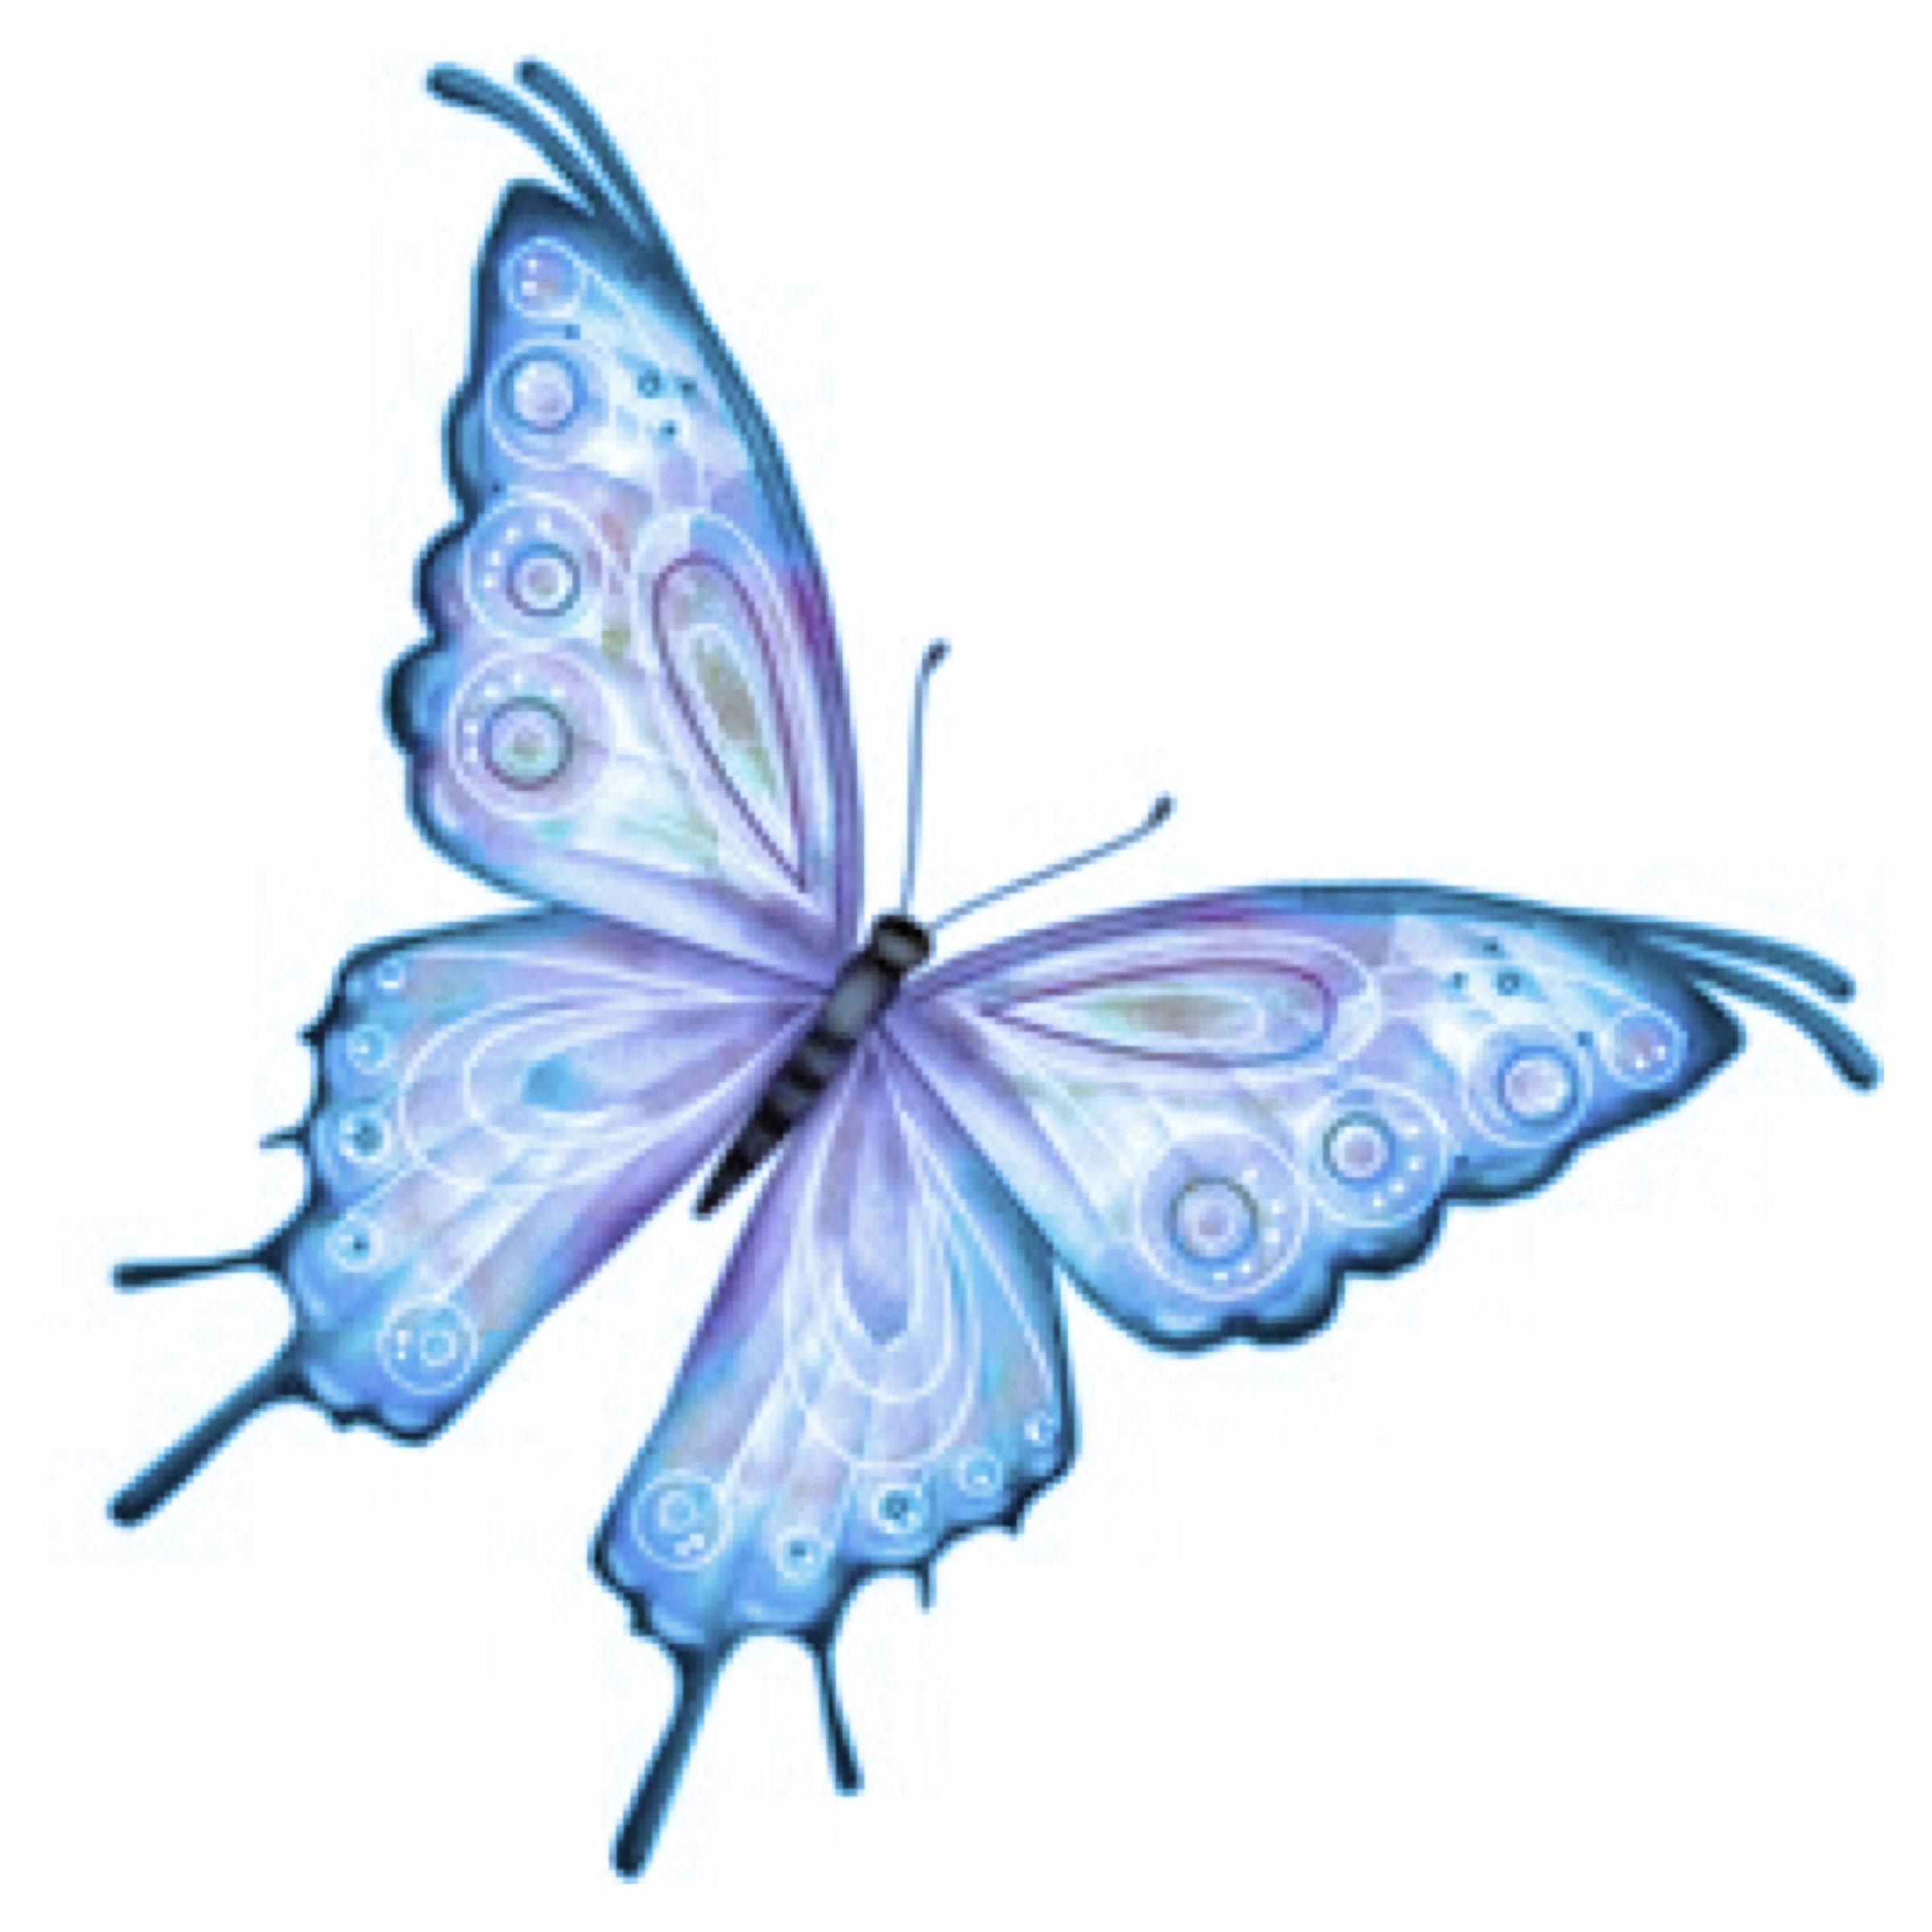 Счастья радости, картинки для детей бабочка анимация